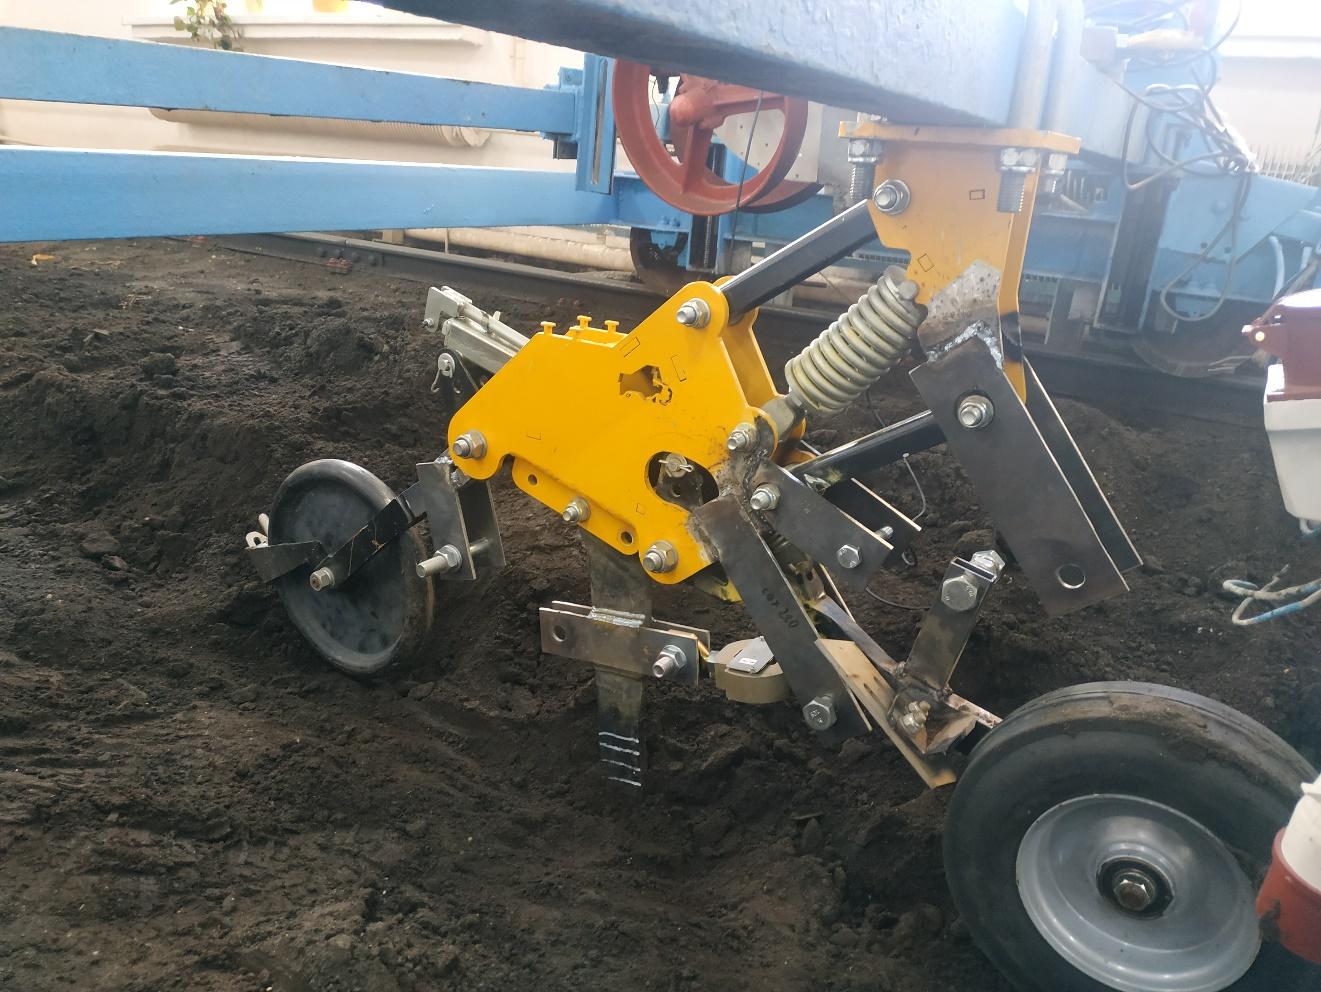 word image 231 Разработка конструктивной схемы и обоснование параметров почвообрабатывающего посевного агрегата с пневматическим высевом семян для тракторов класса тяги 5